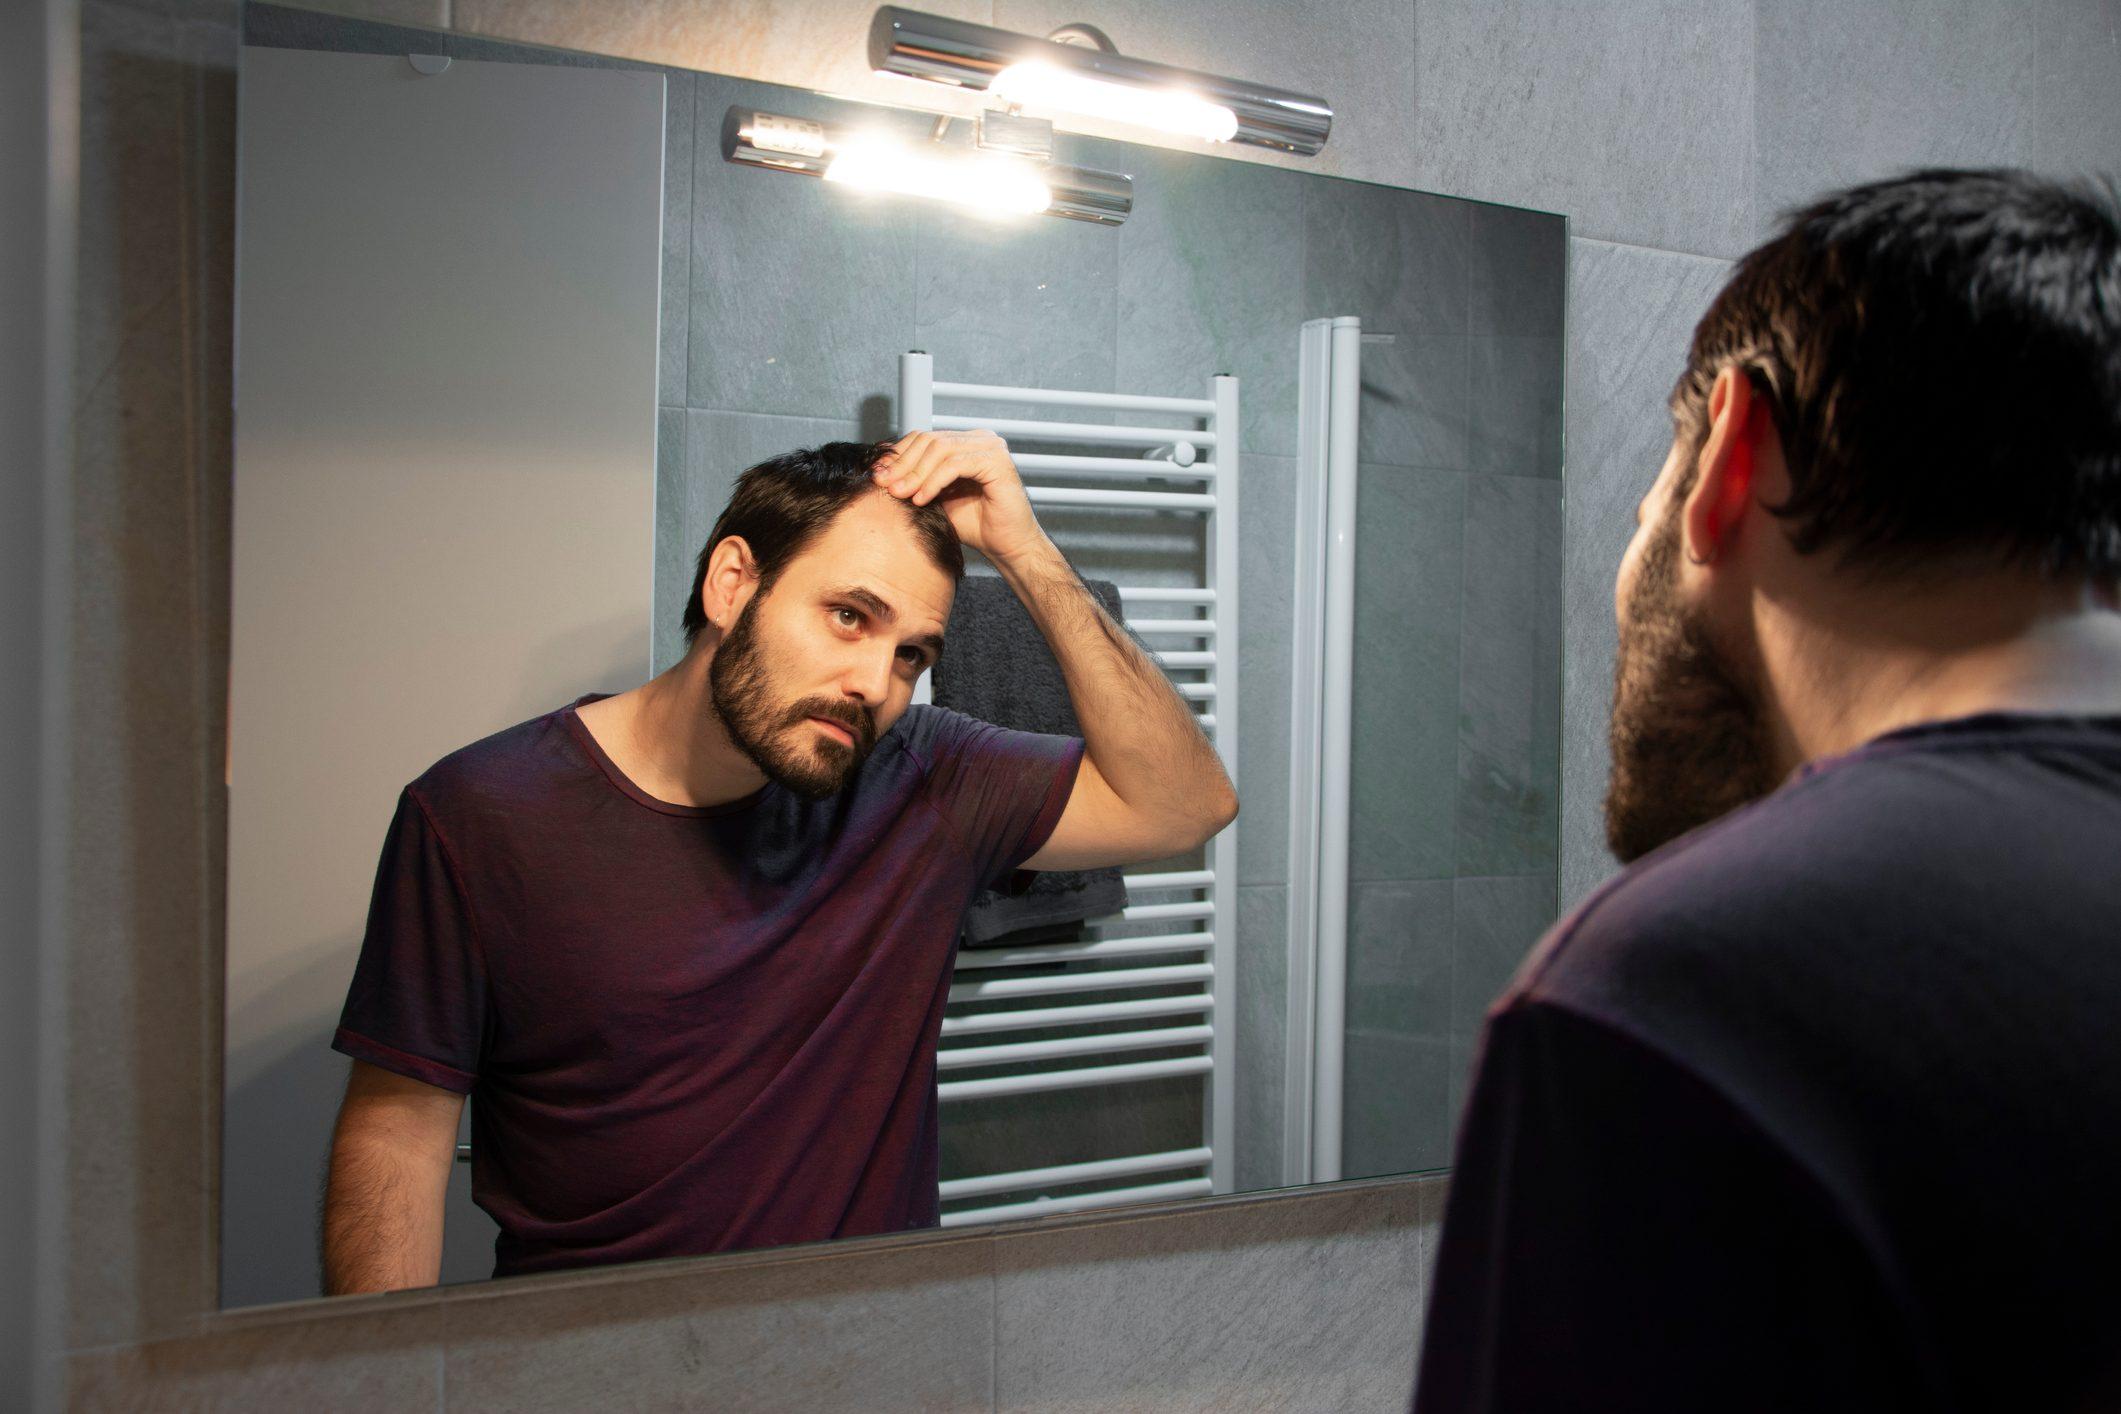 man looking at hair line in bathroom mirror